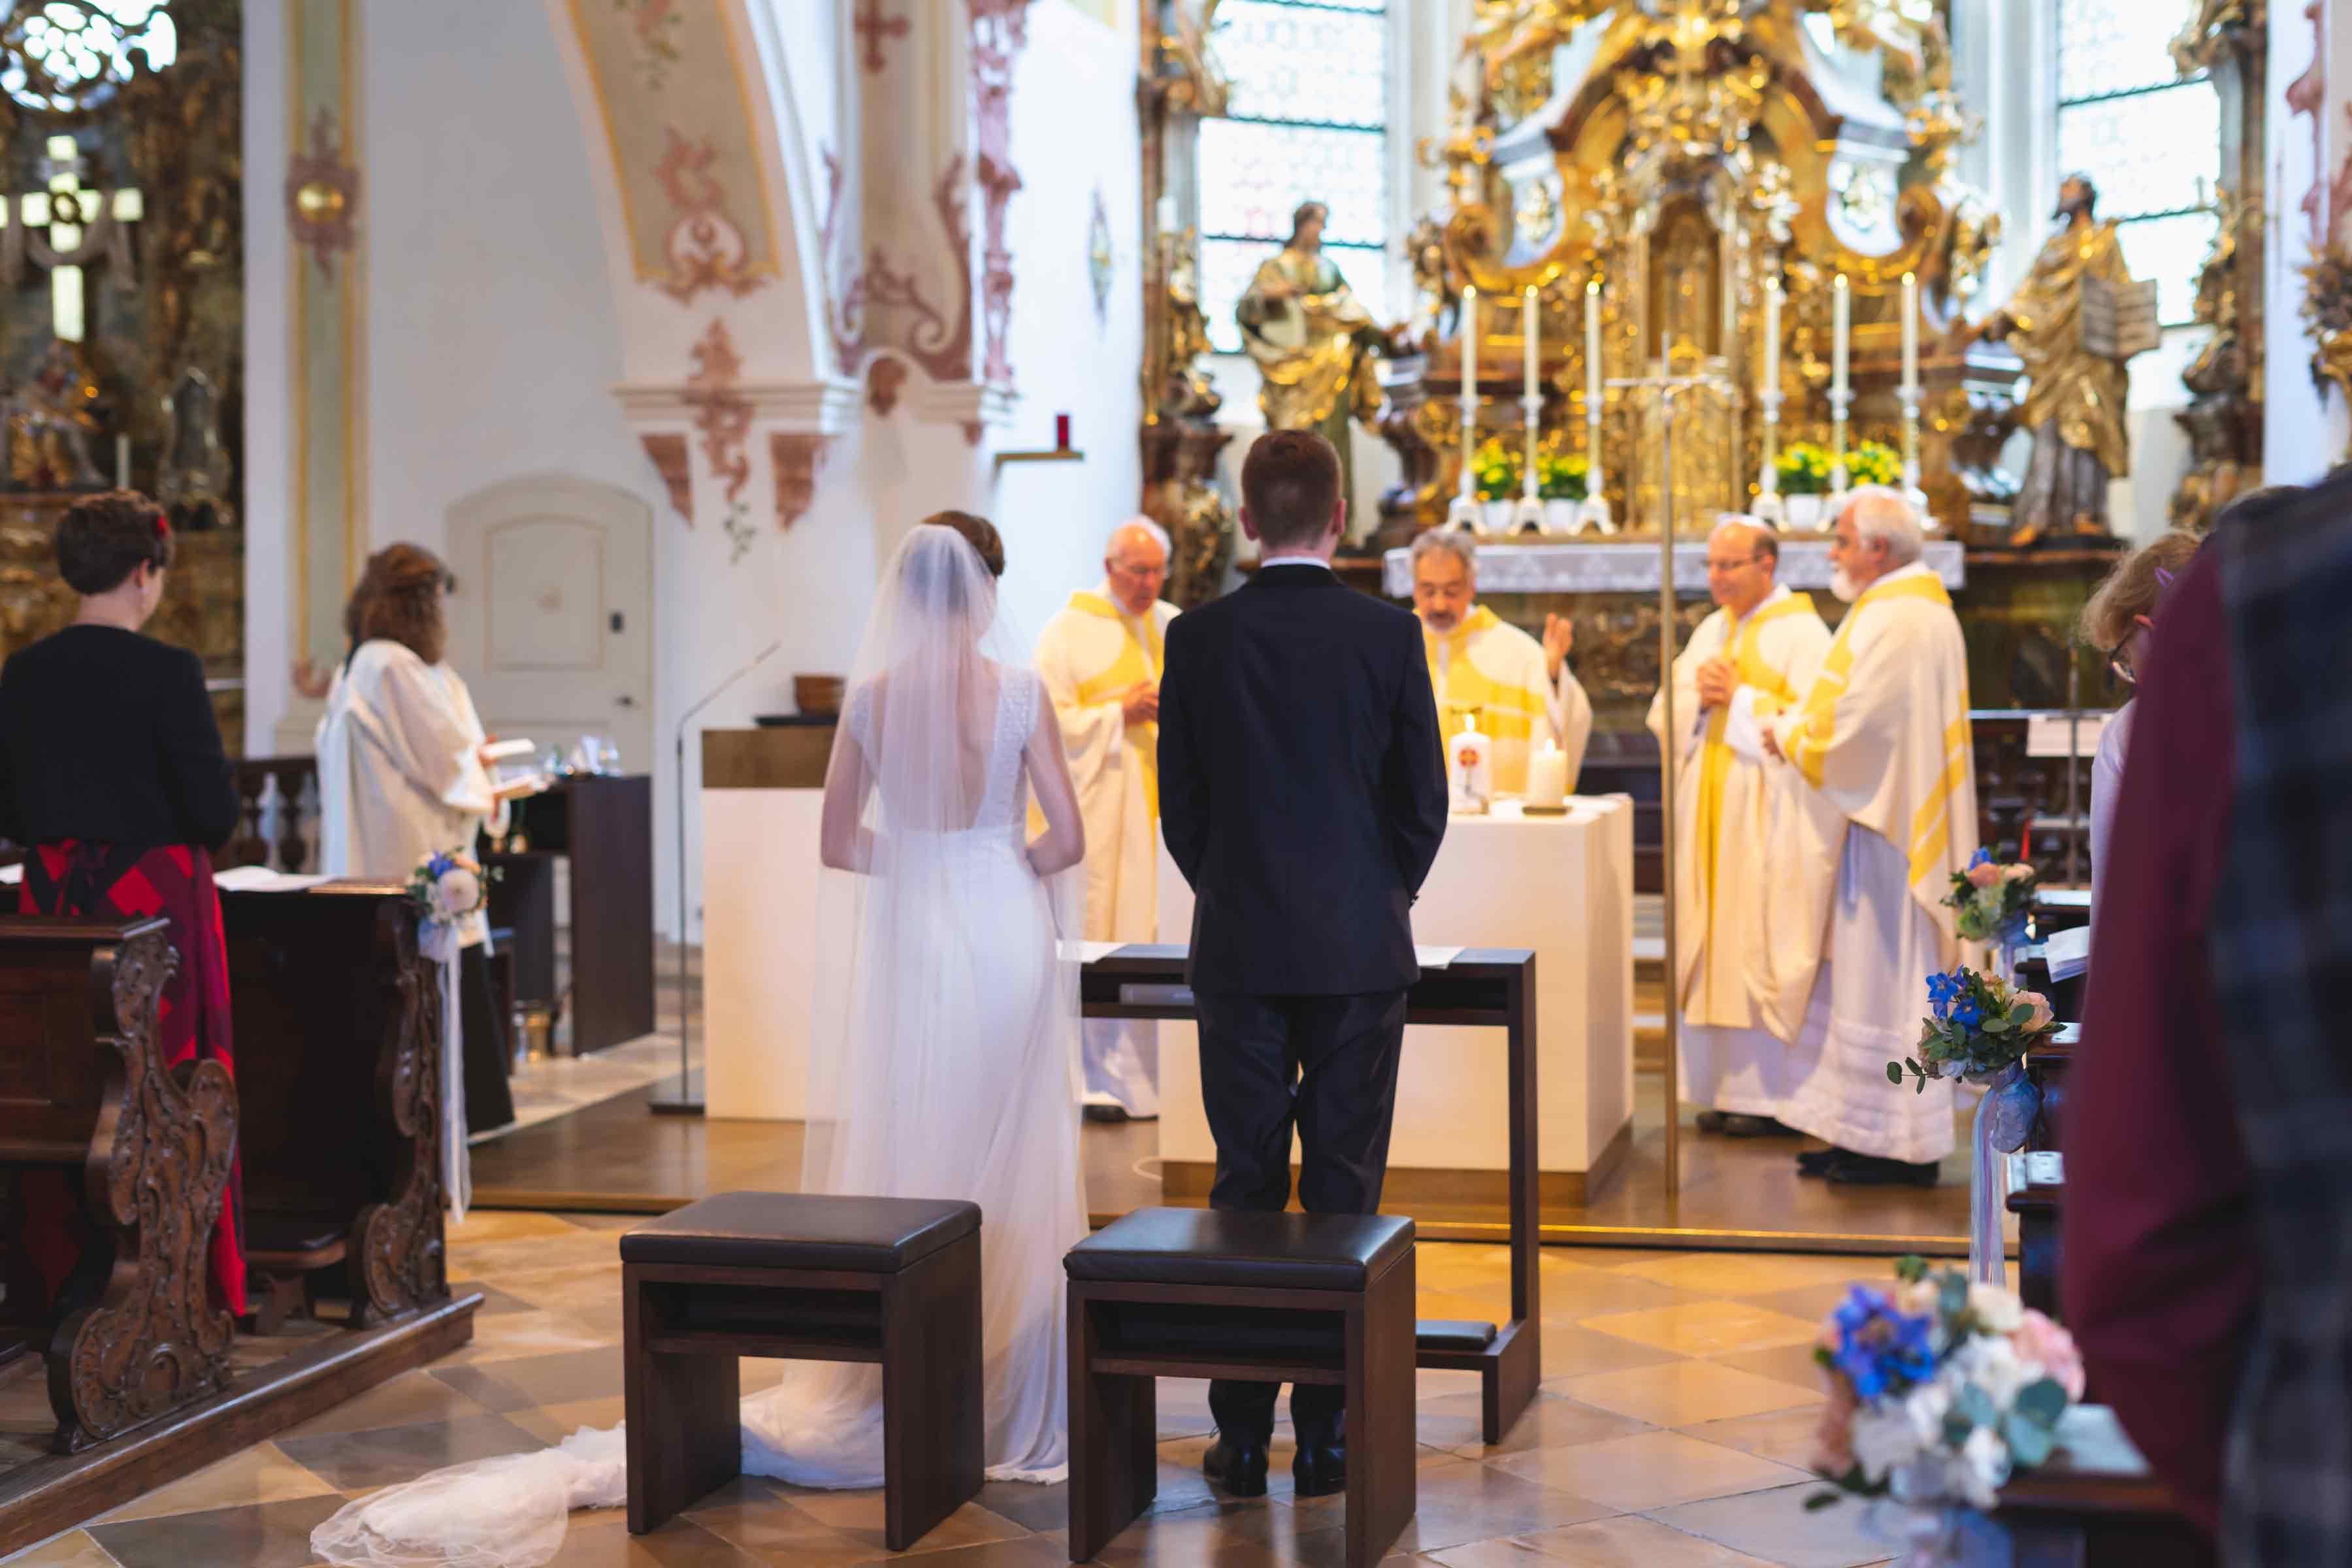 Hochzeit und Paare DSC02191w